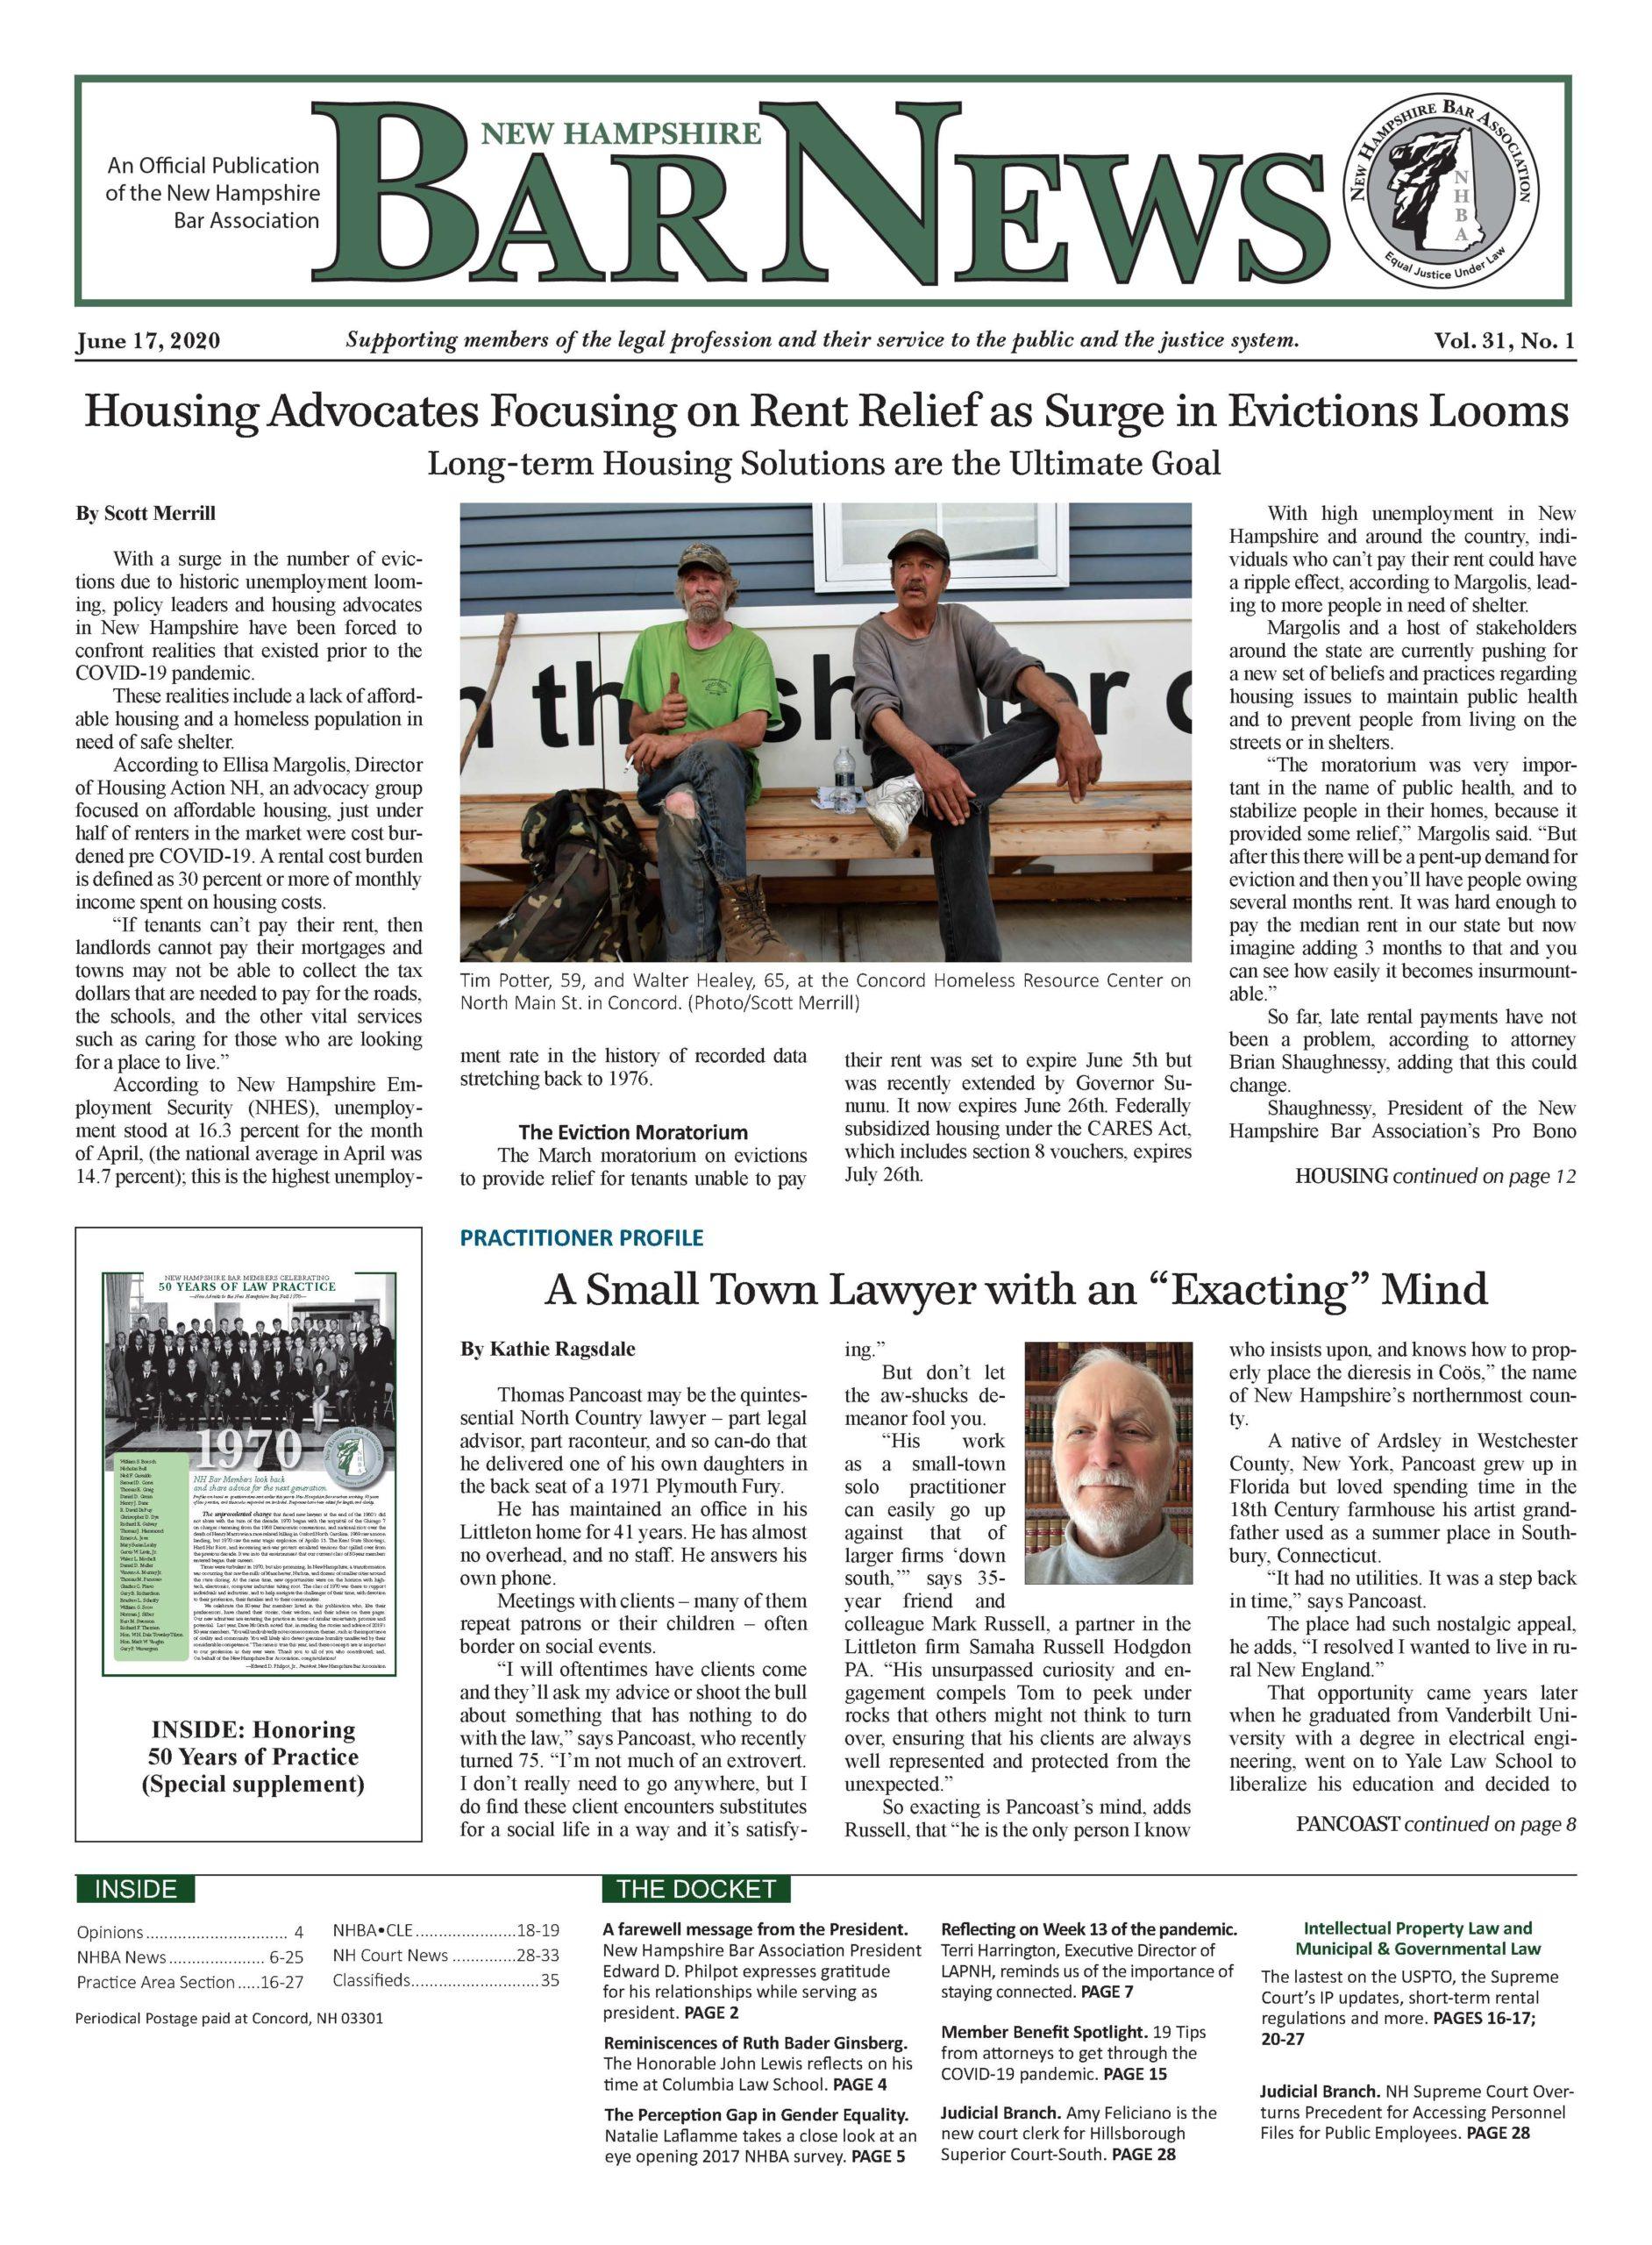 Bar News June 17, 2020